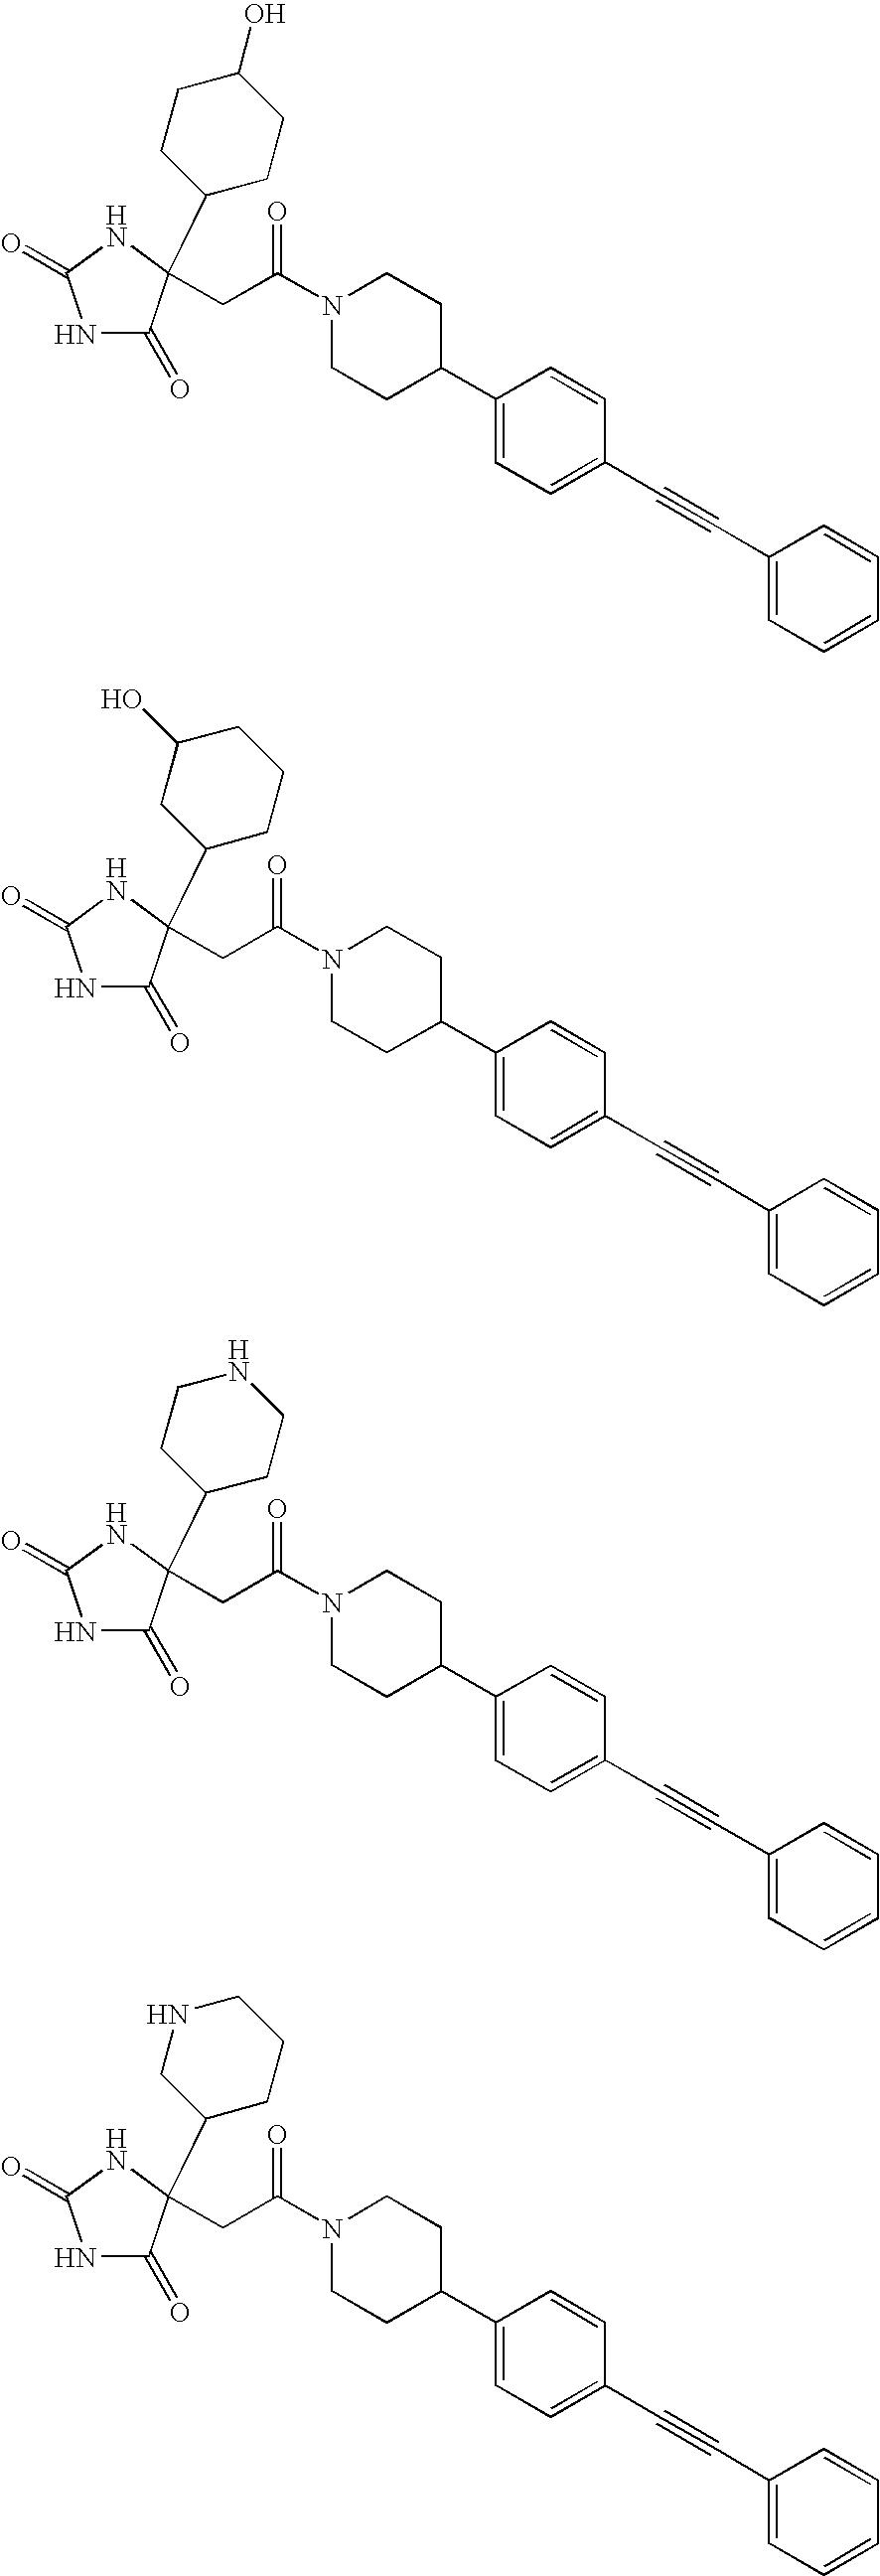 Figure US07998961-20110816-C00008